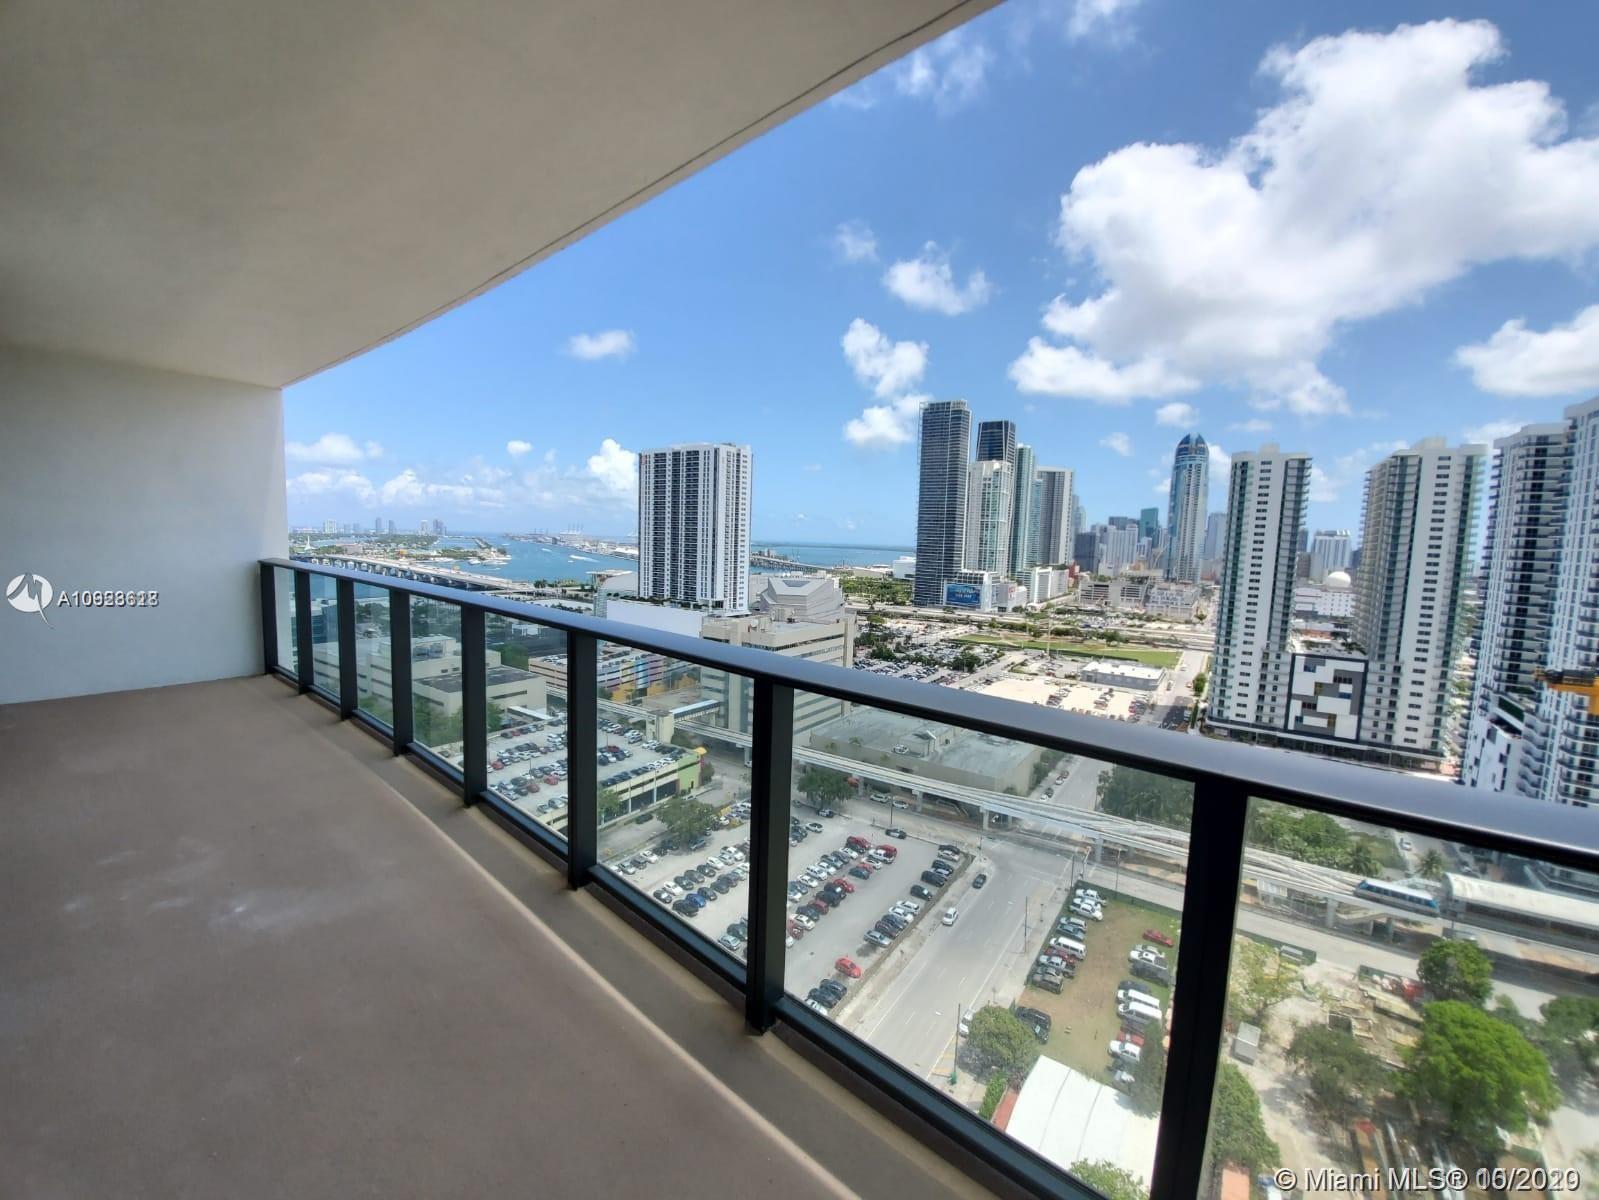 Canvas #2207 - 1600 NE 1st Ave #2207, Miami, FL 33132